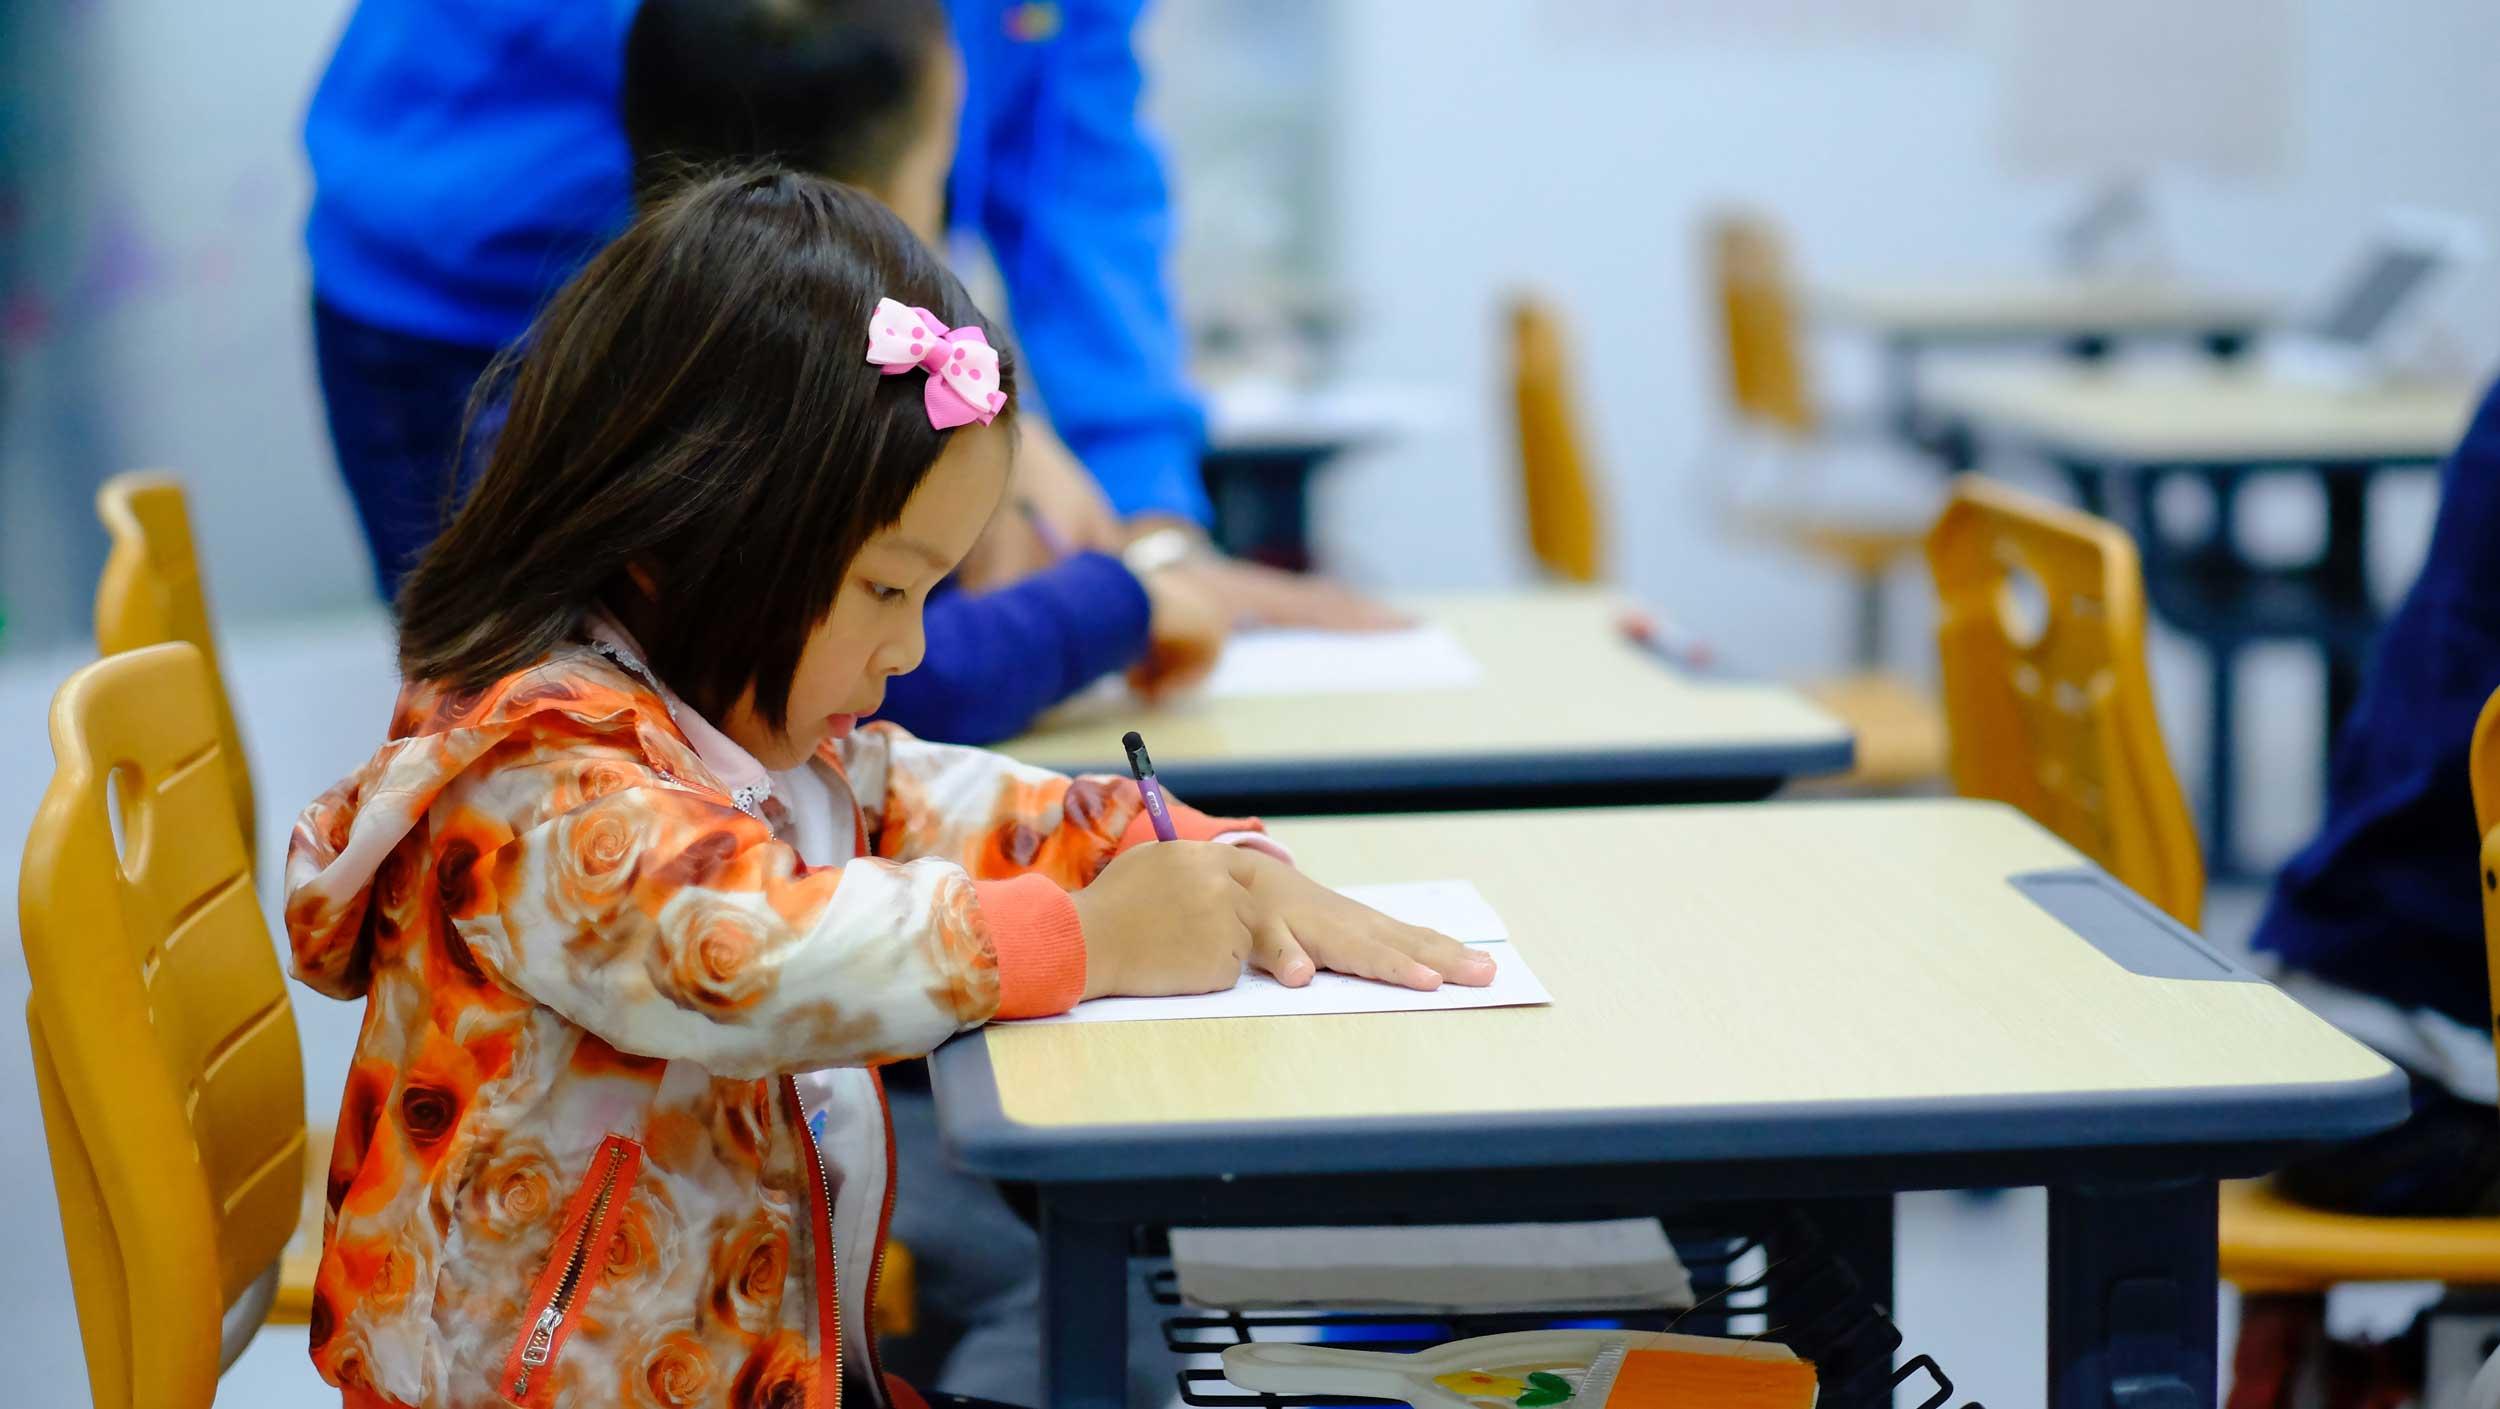 Blog Doctoome | École : le protocole sanitaire bientôt allégé ?